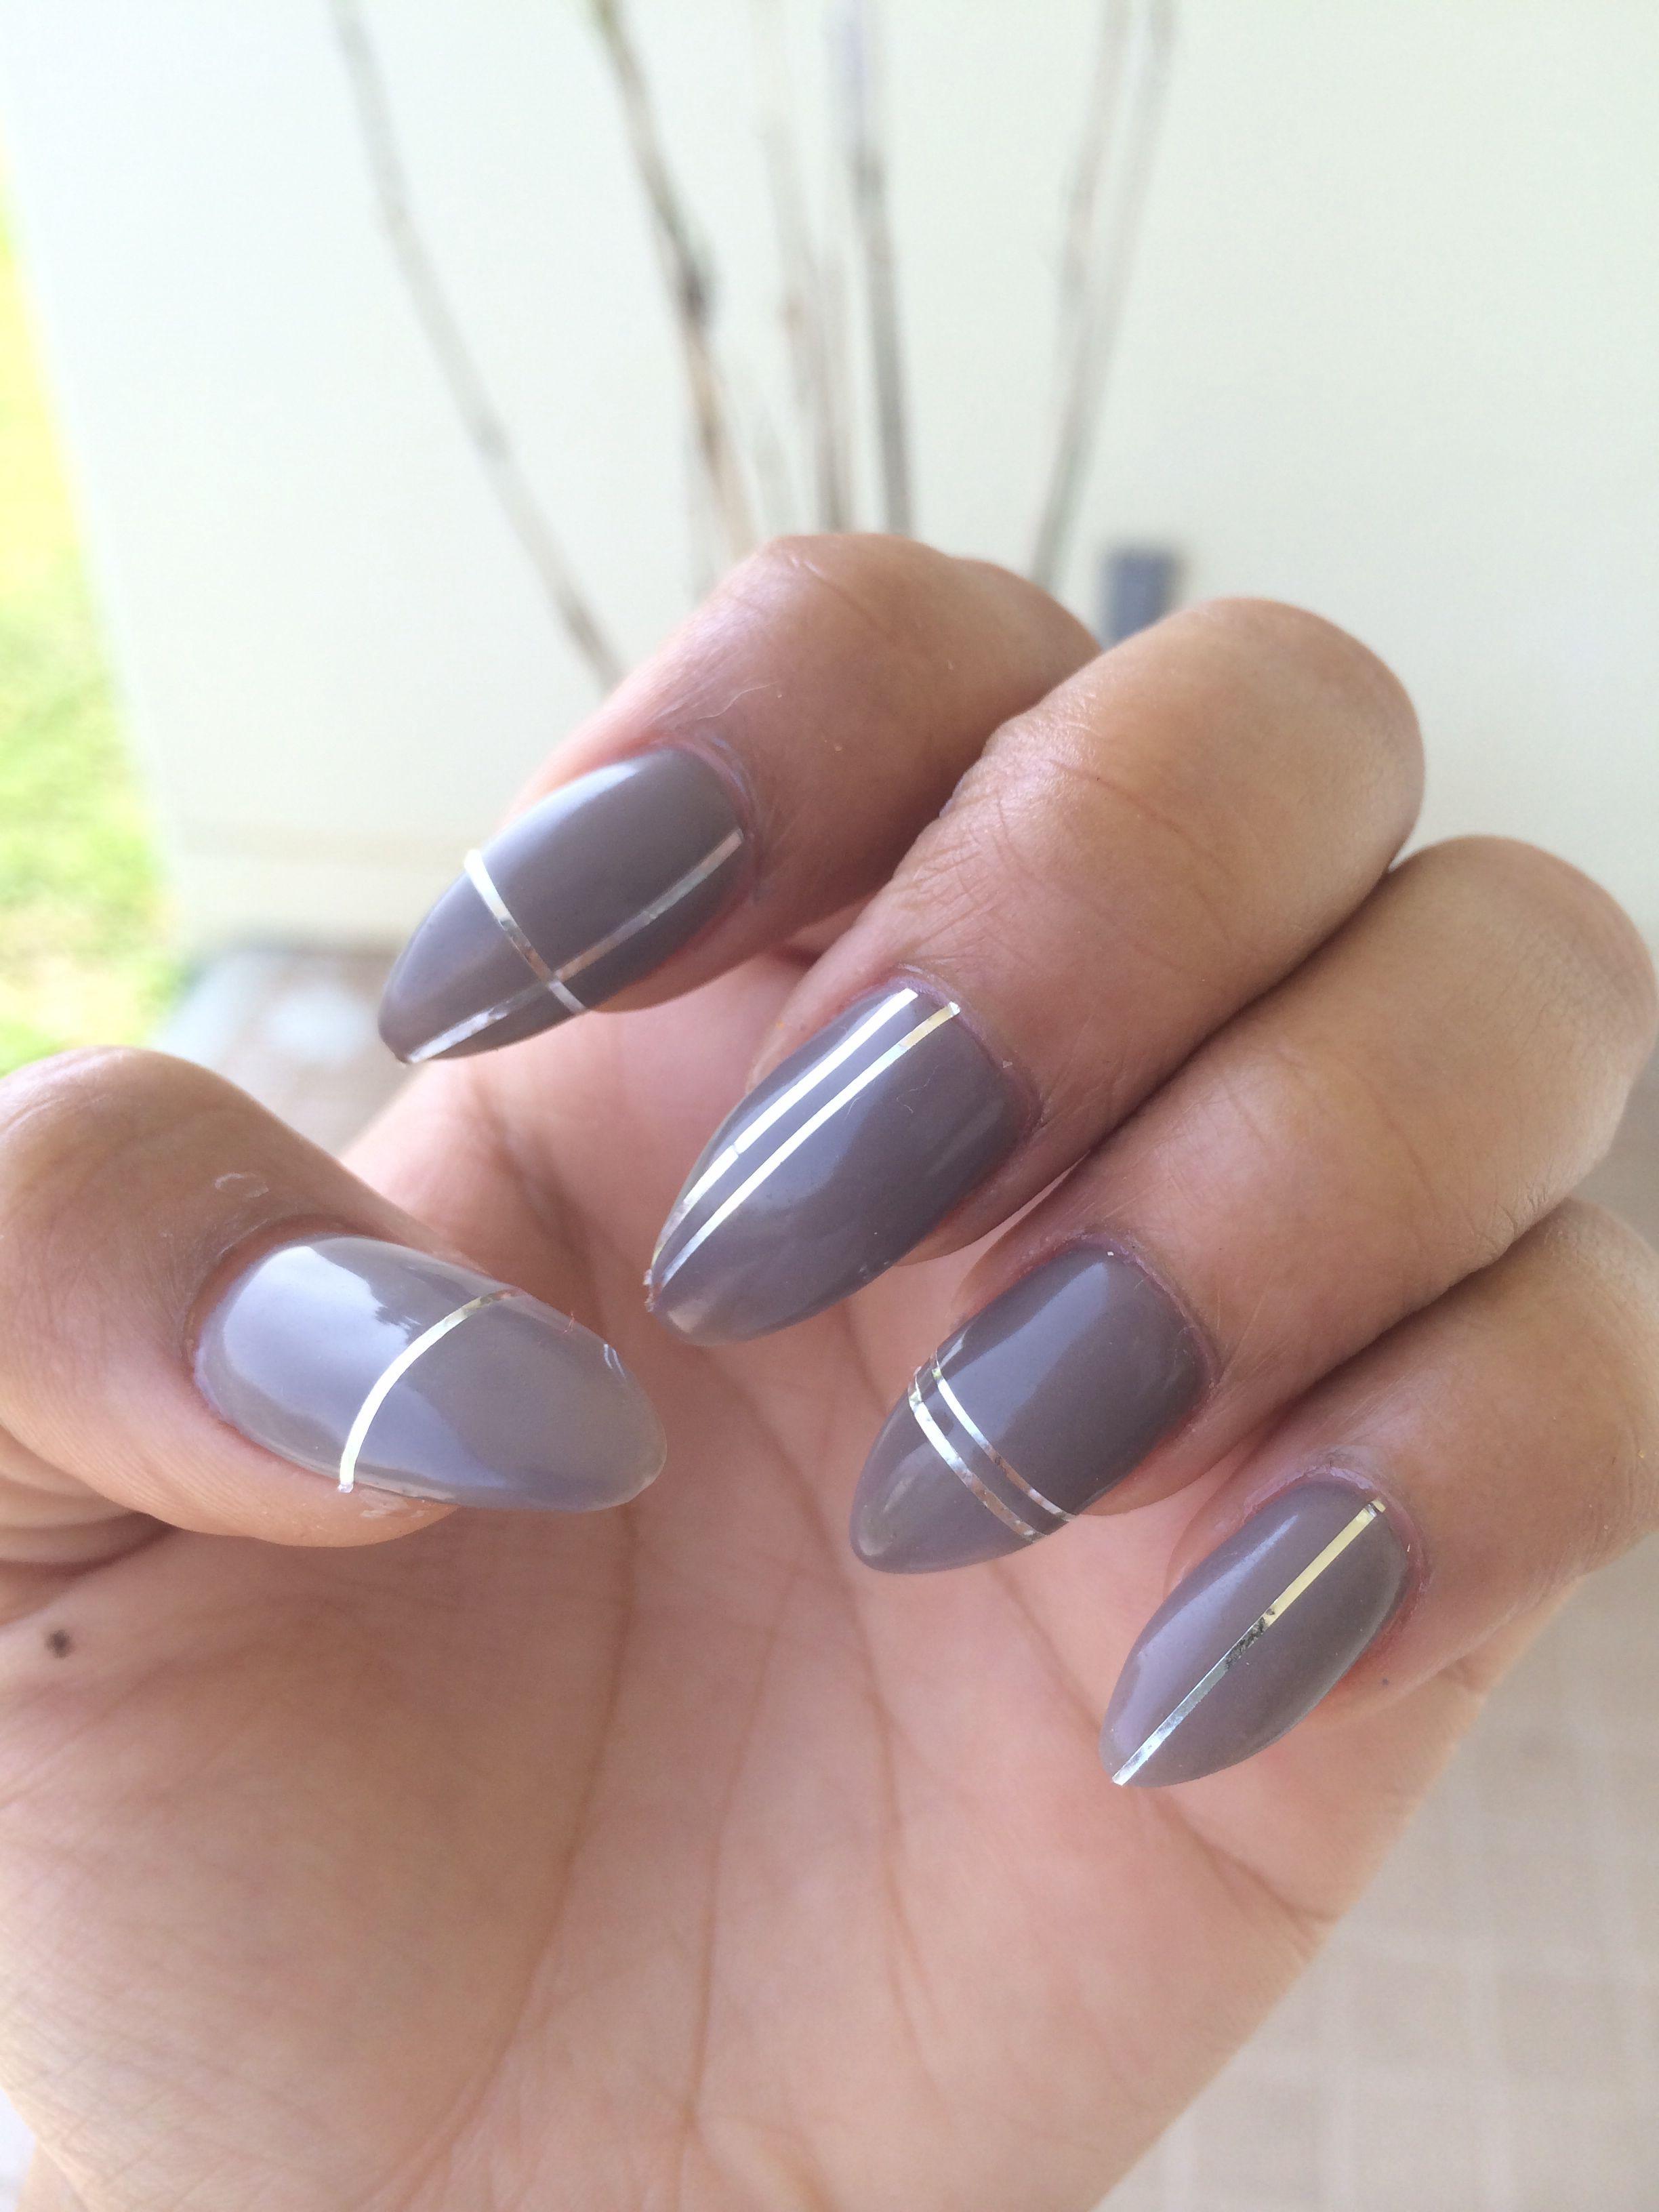 Almond shape / grey nails | Nails | Almond Nails, Nails ...